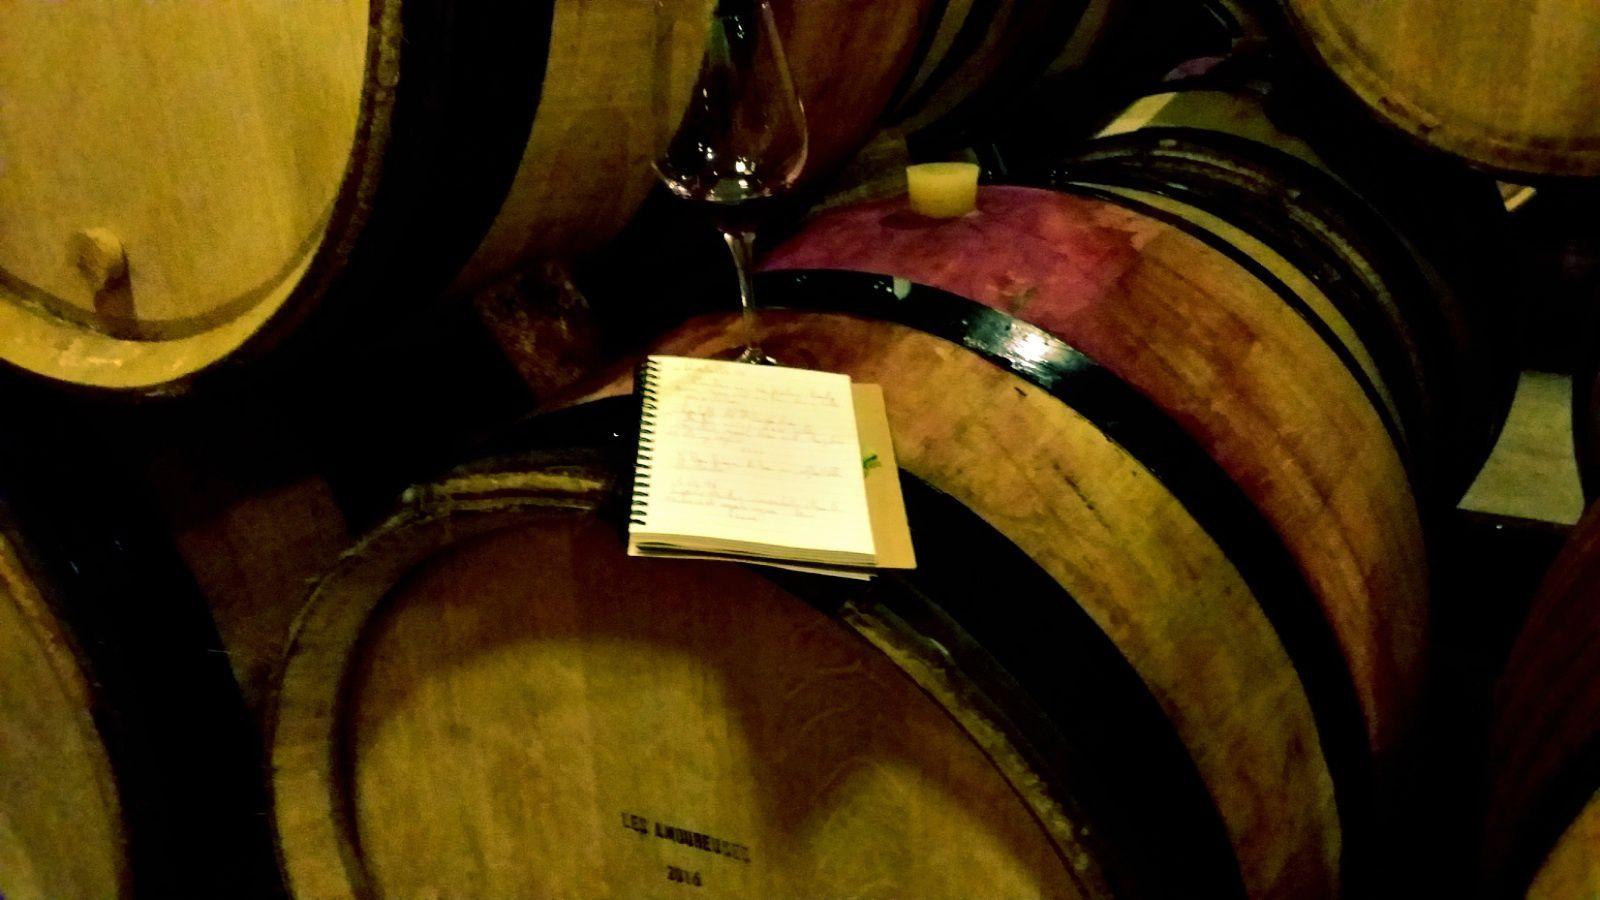 La dégustation chez Emmanuel Rouget fut l'occasion de mieux cerner les vins mais aussi le personnage...